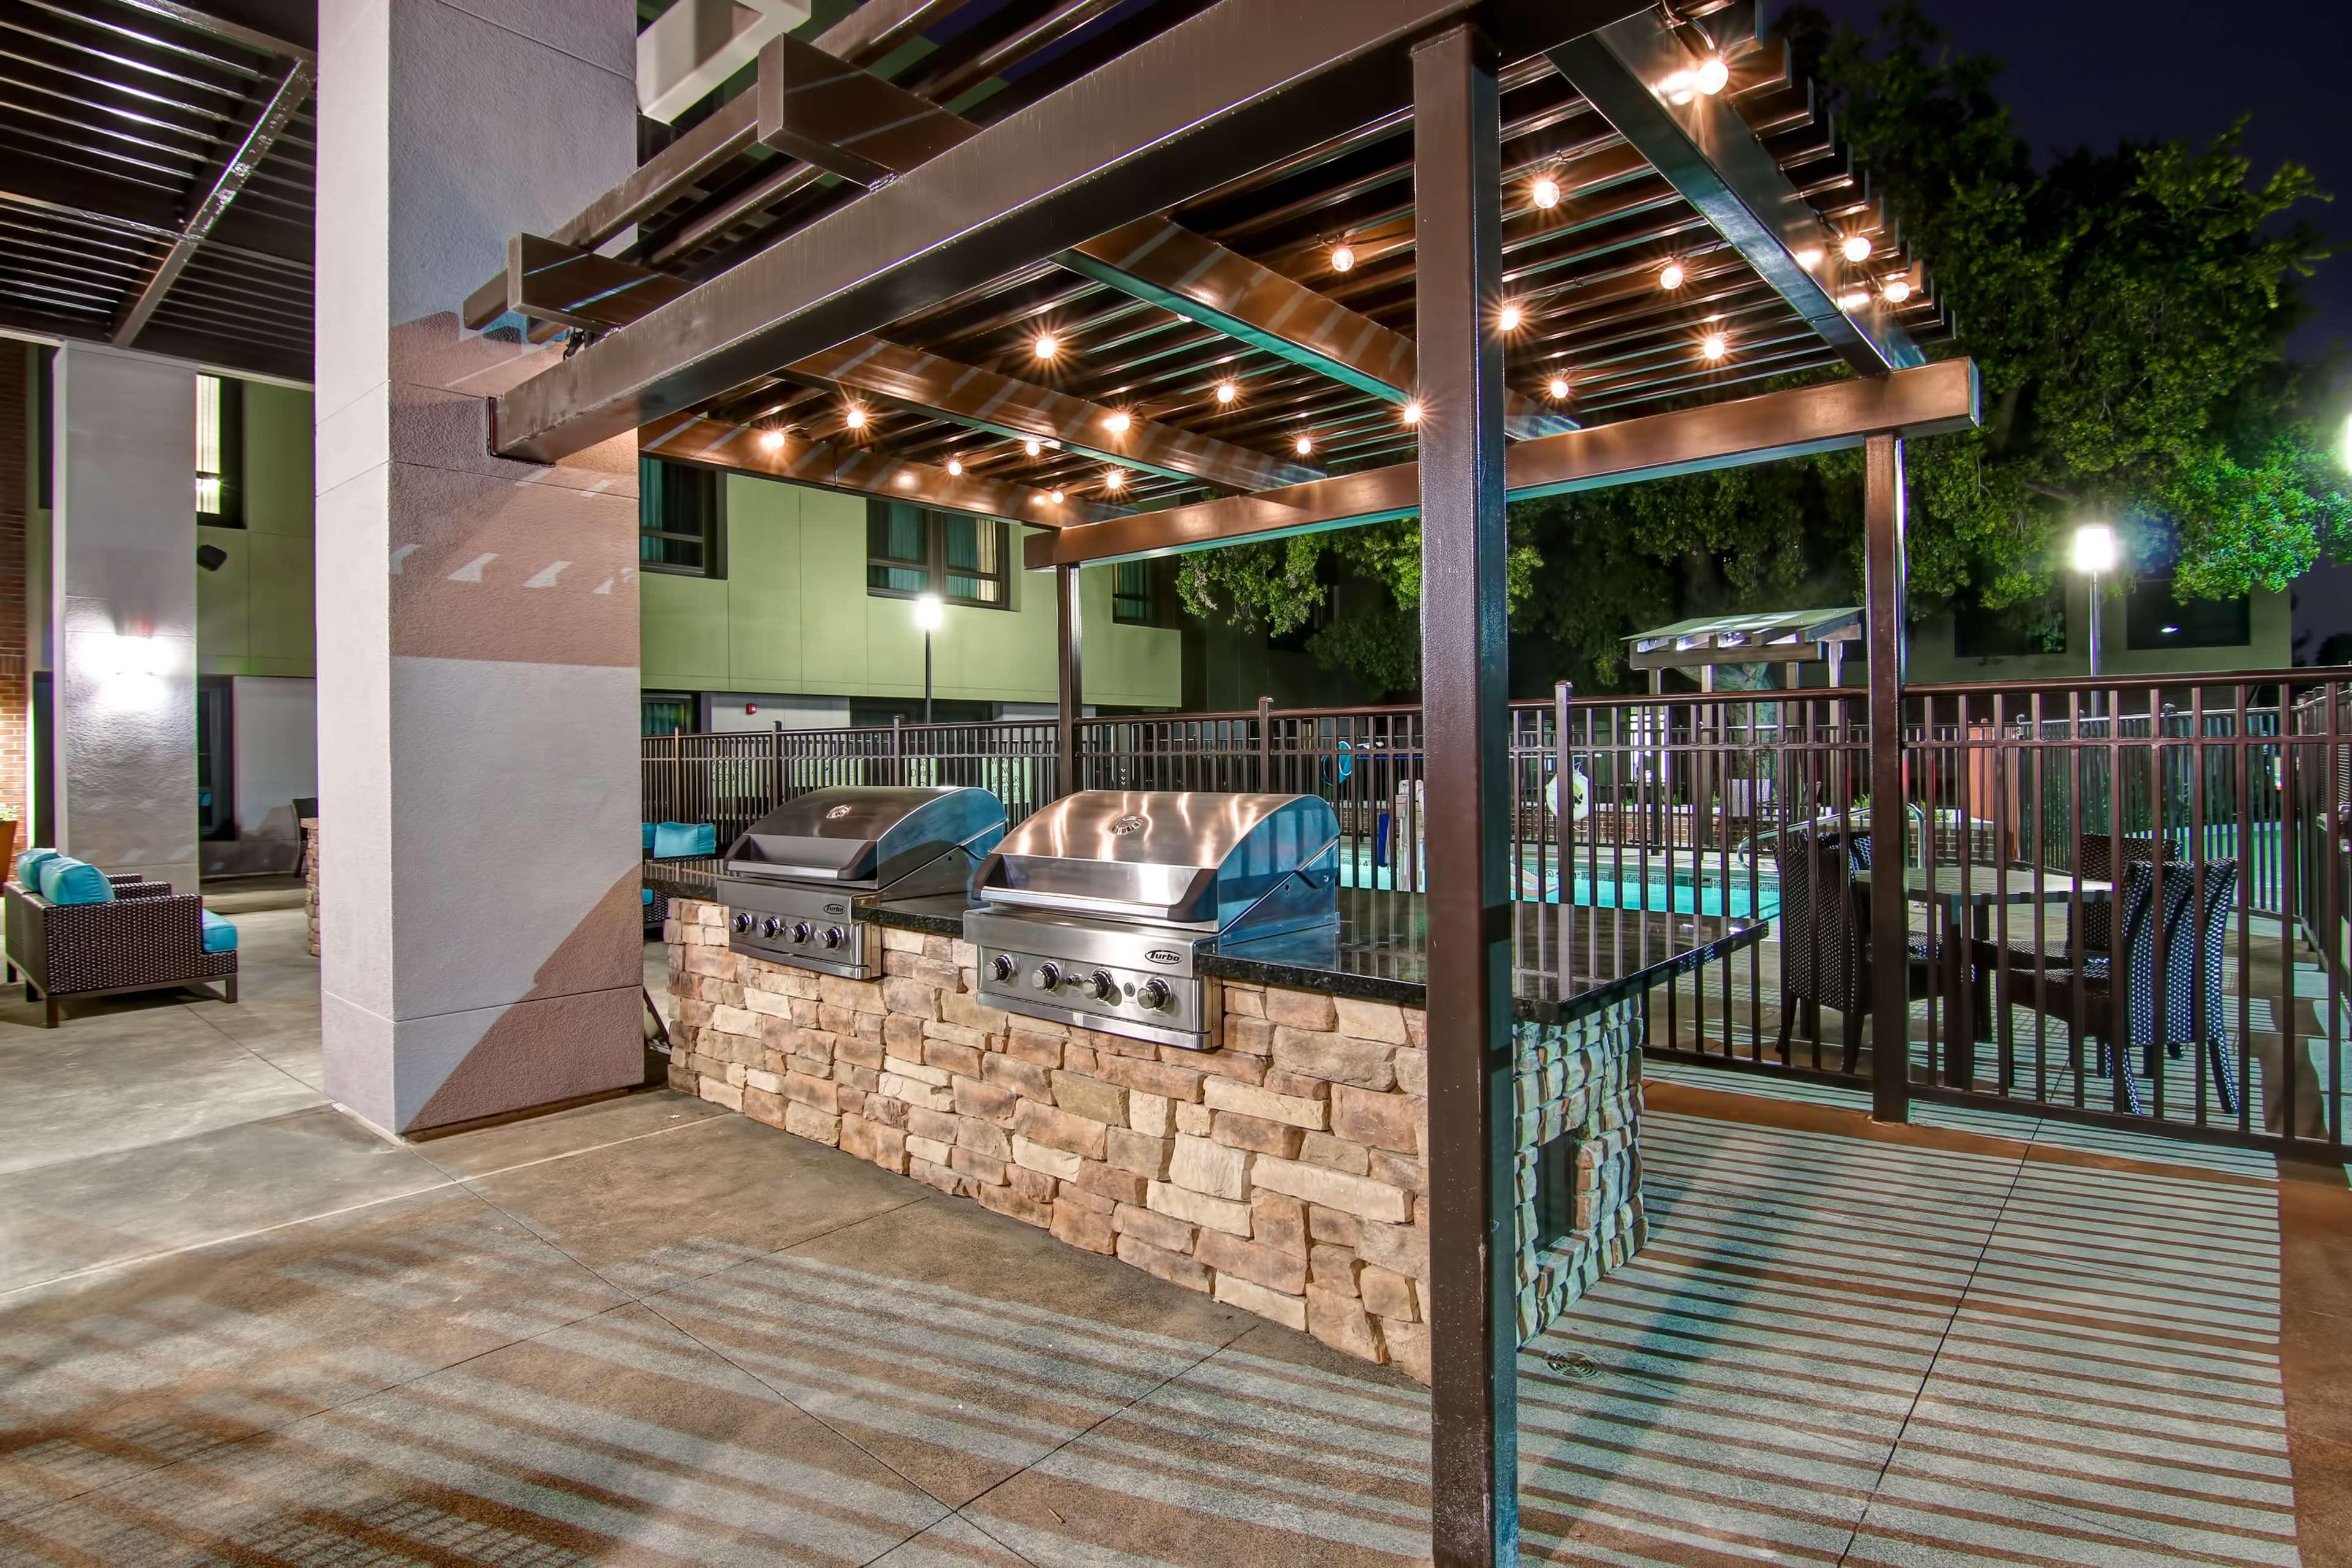 Homewood Suites by Hilton Palo Alto image 0